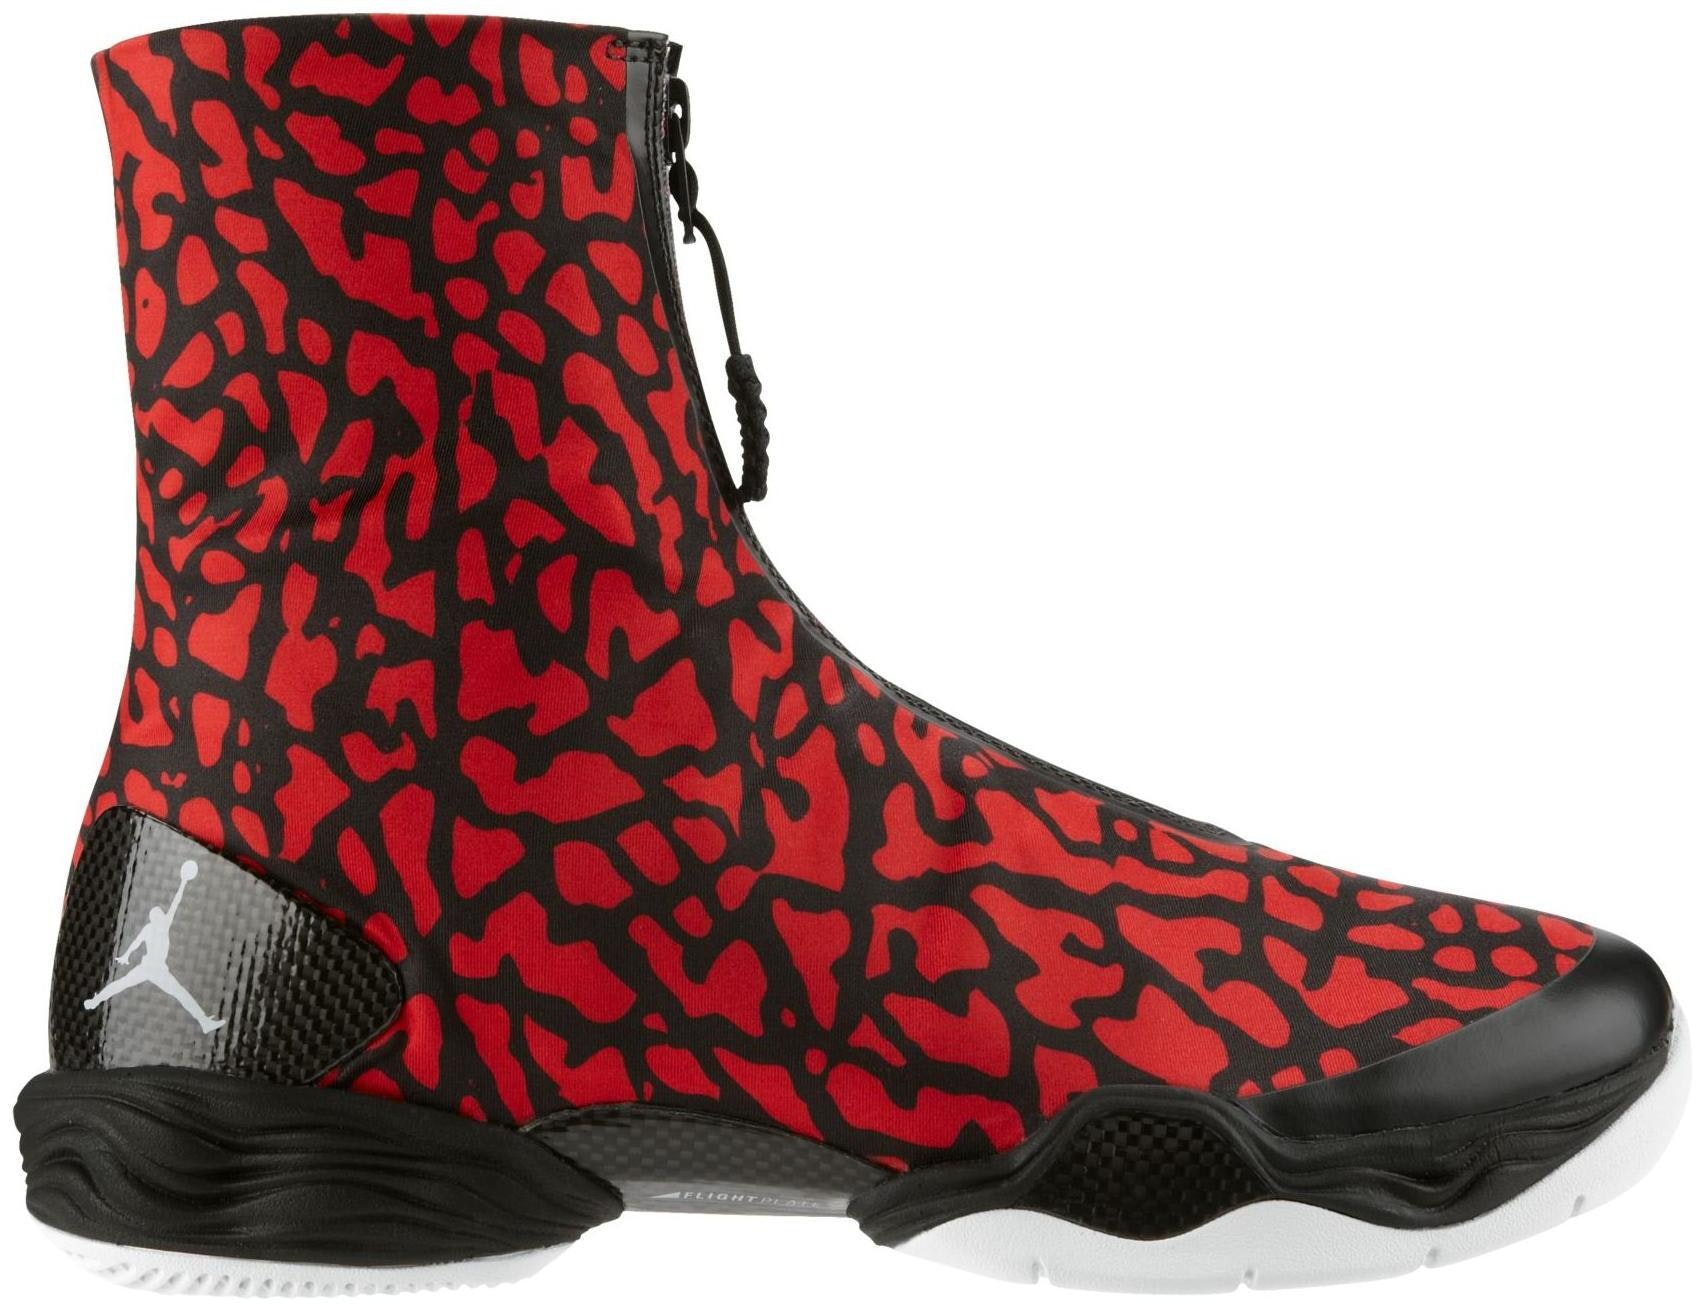 48d625e301e9ac Air Jordan 28 Size 15